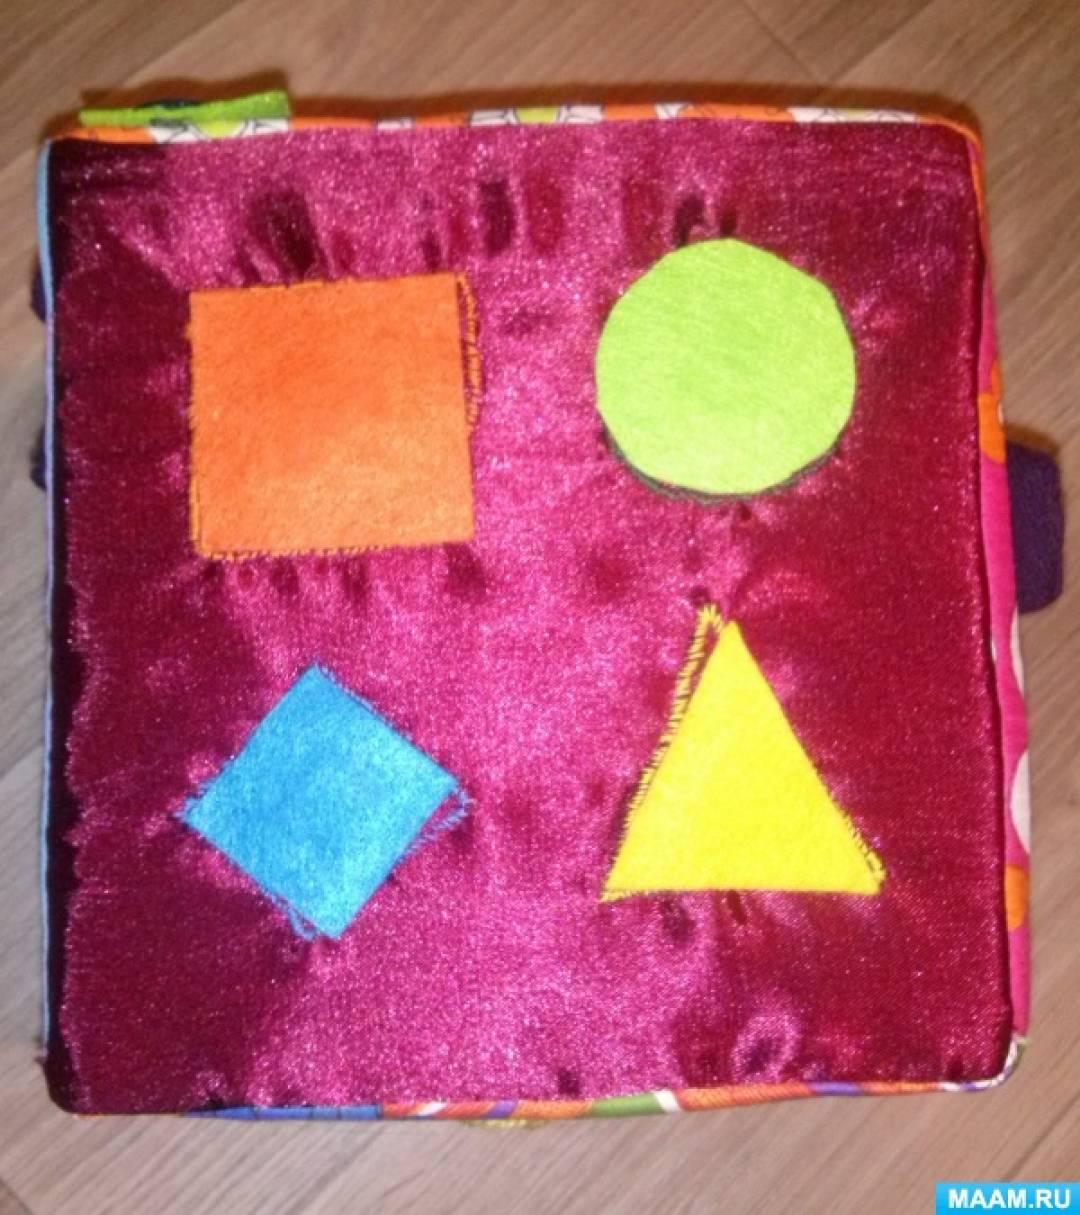 Сенсорный кубик своими руками 22